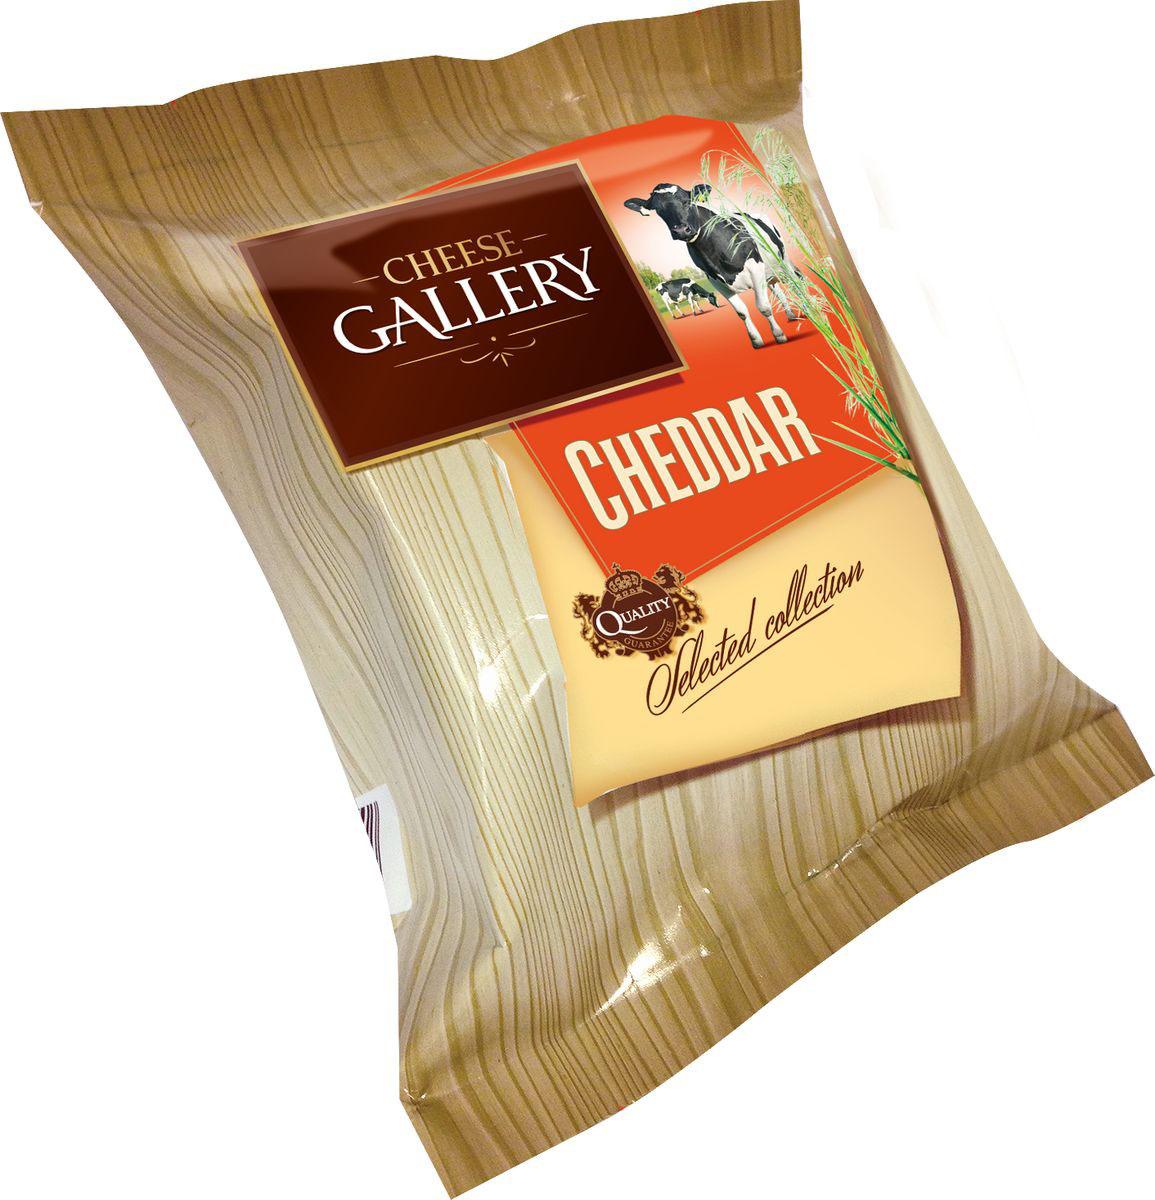 Cheese Gallery Сыр Чеддер красный, 45%, 250 г105-788Чеддер — популярный английский сыр Сыр имеет плотную текстуру без отверстий и с красным морковным оттенком Что касается вкуса, то он ореховый, при этом слегка резковатый с кислинкой Цвет этого продукта обеспечивает природный краситель